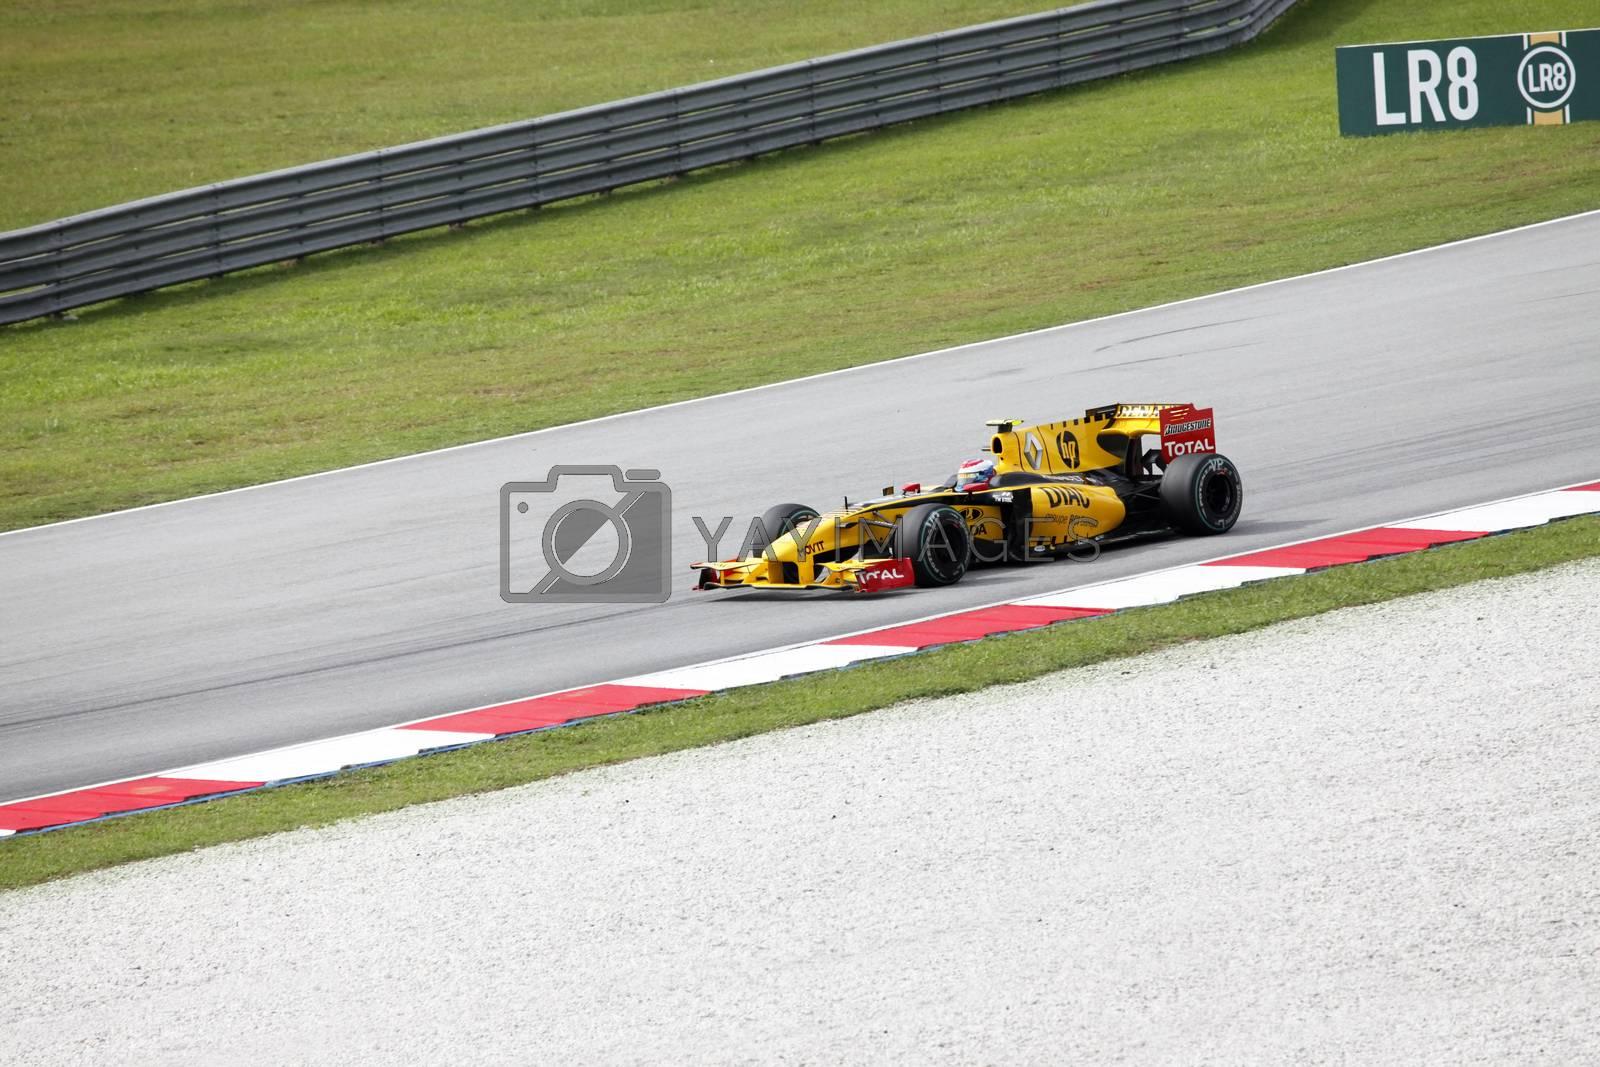 SEPANG, MALAYSIA - APRIL 4 : Renault F1 driver Vitaly Petrov of Russia drives during Petronas Malaysian Grand Prix at Sepang F1 circuit April 4, 2010 in Sepang